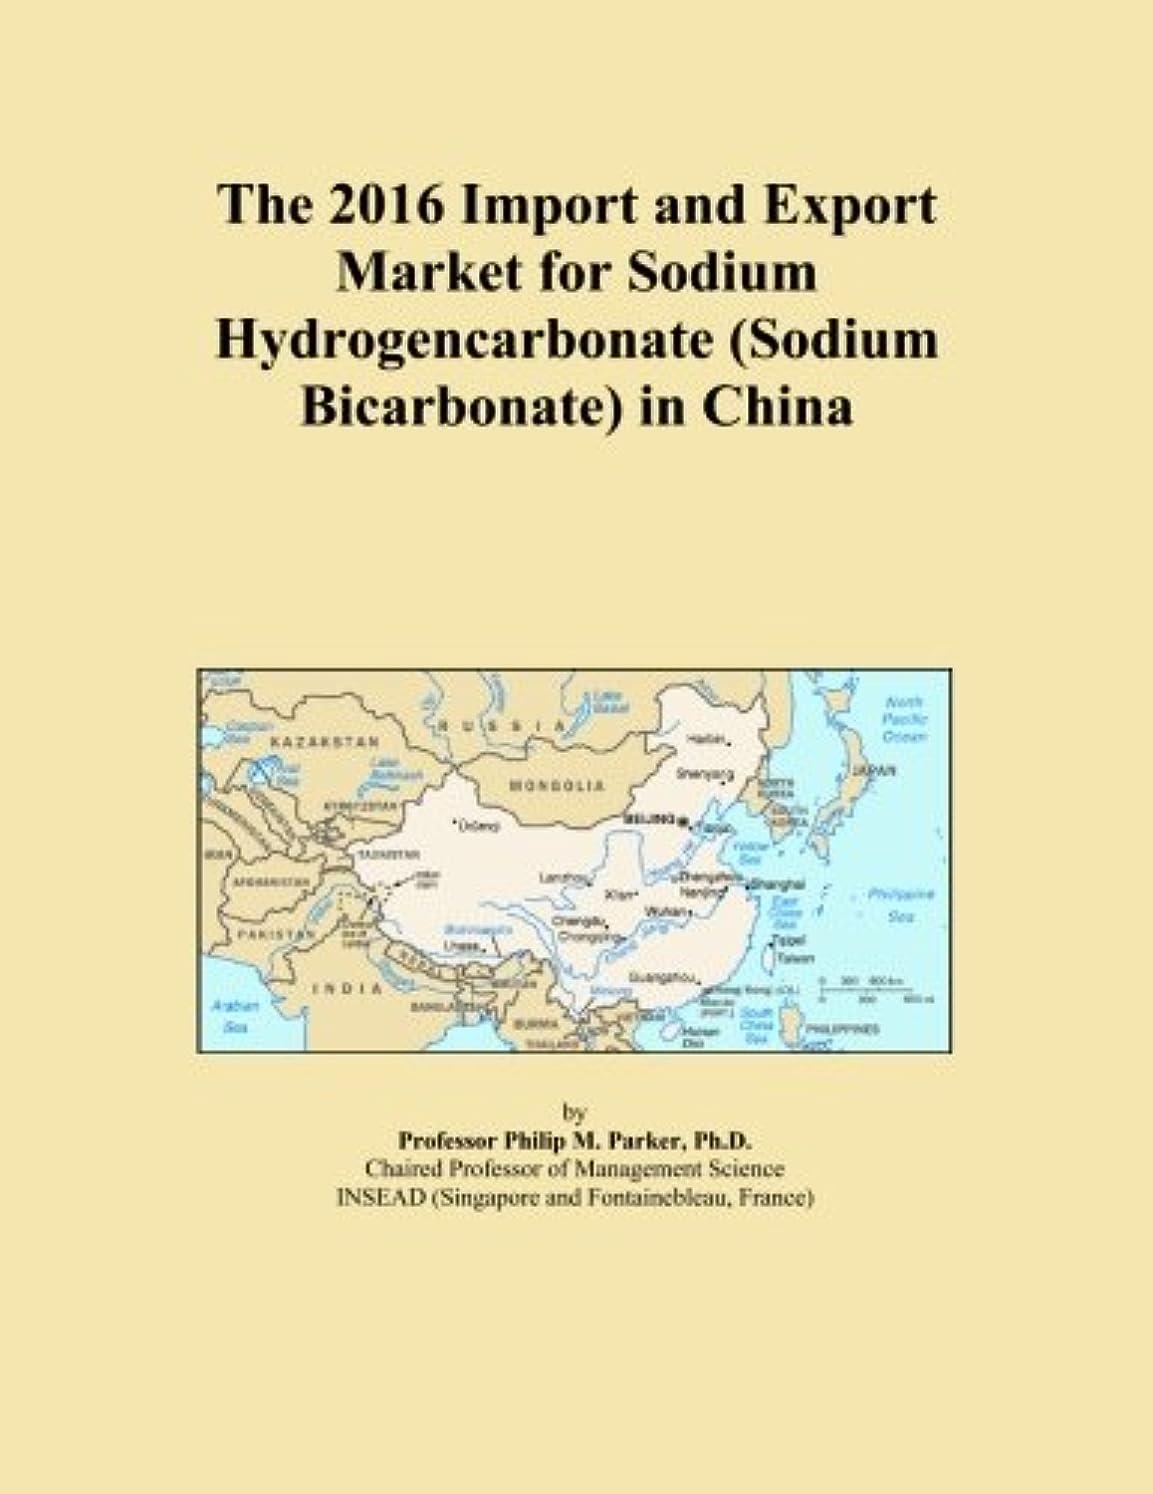 ラッドヤードキップリング除去ジムThe 2016 Import and Export Market for Sodium Hydrogencarbonate (Sodium Bicarbonate) in China